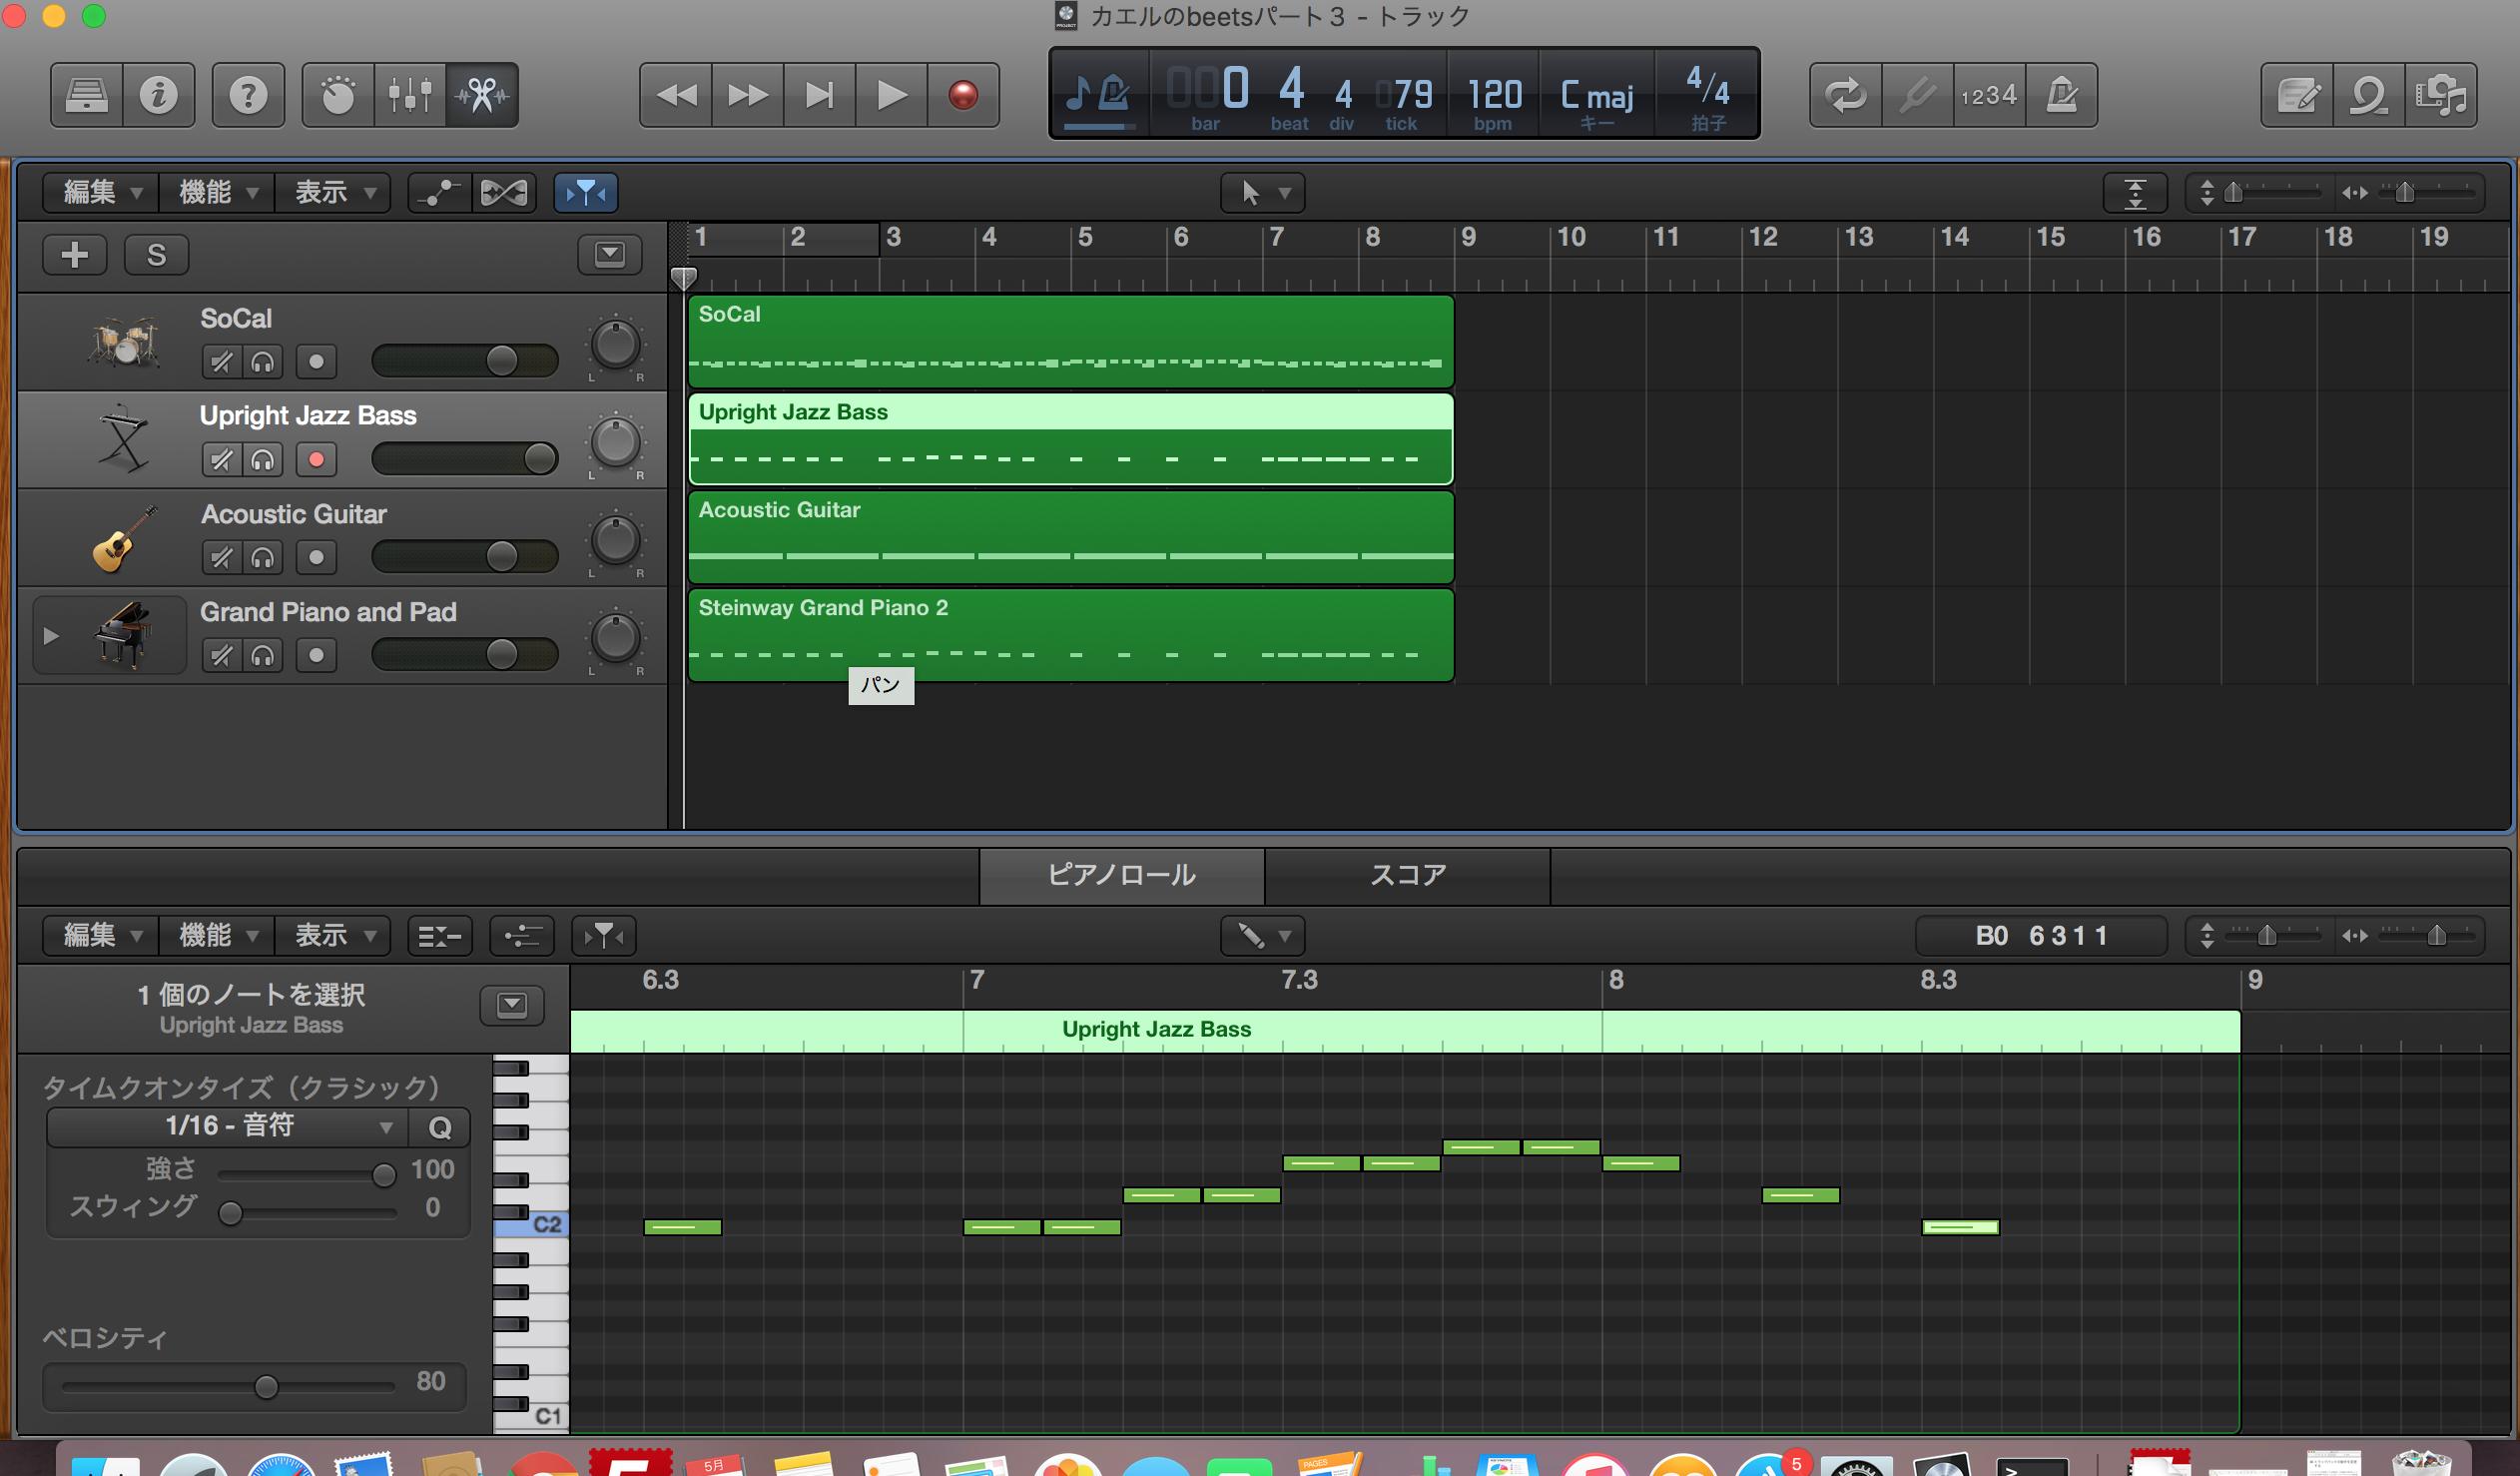 Logic pro Xでカエルの歌